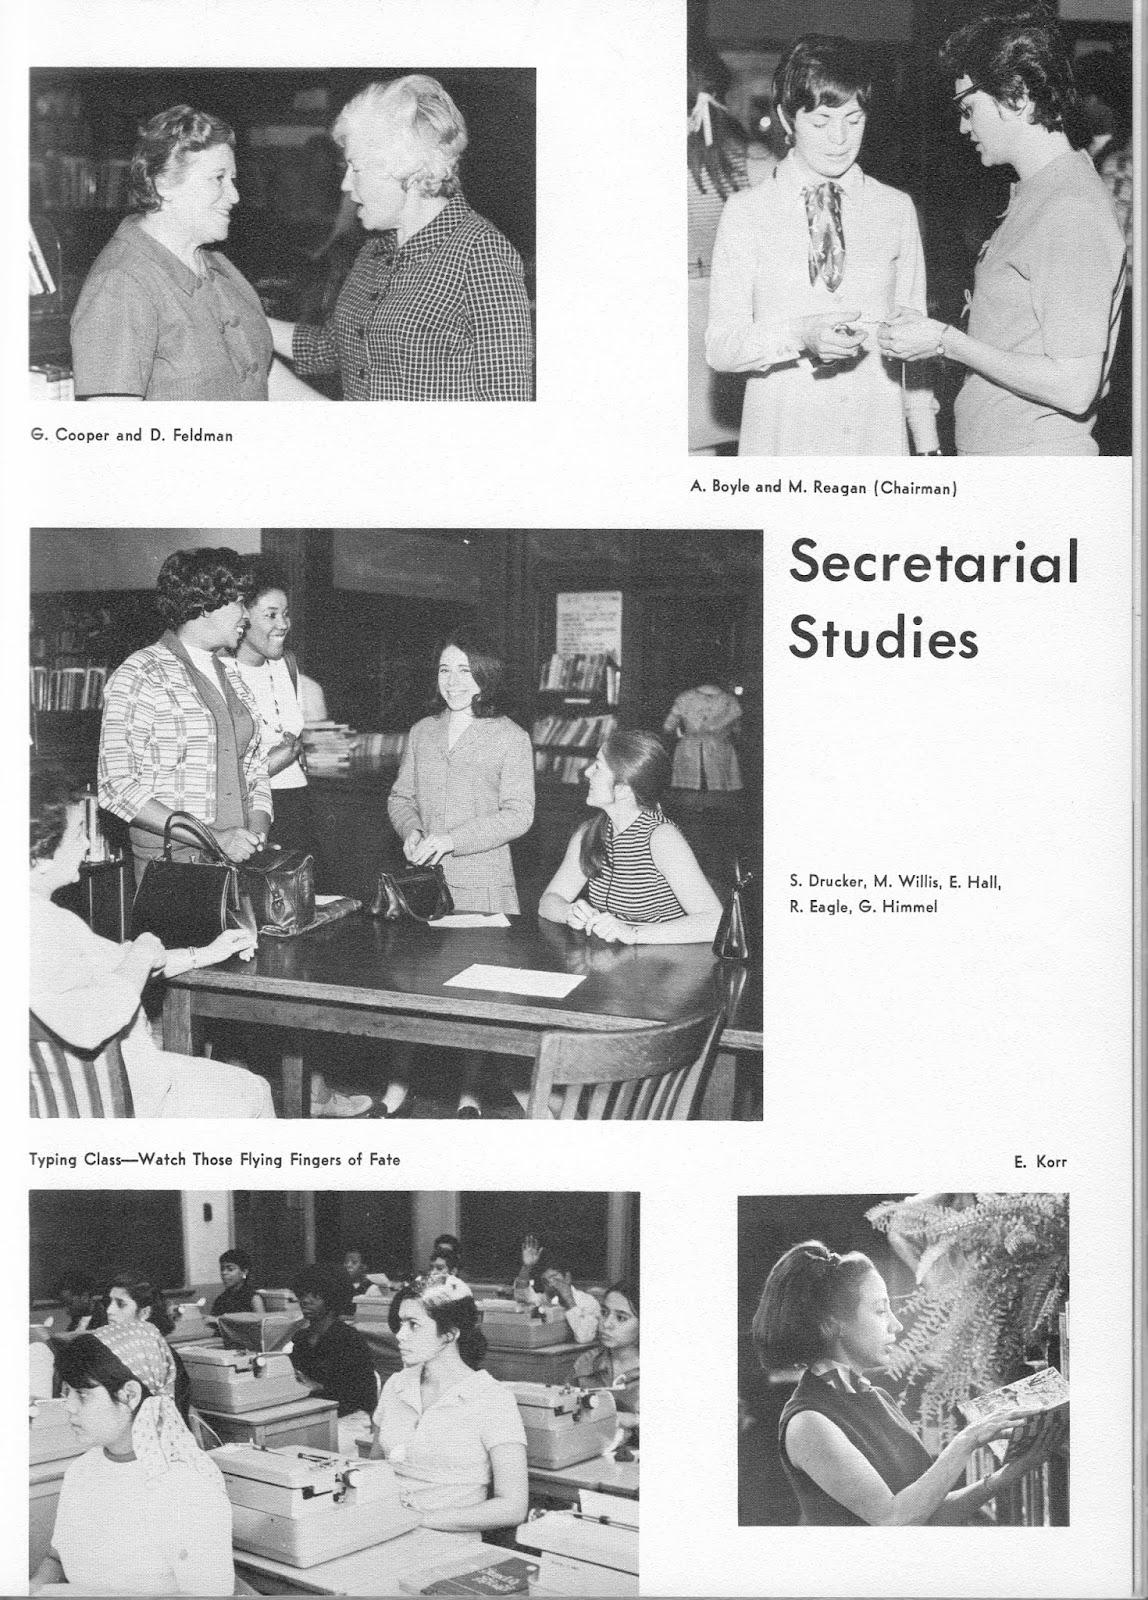 Secretarial Studies.jpg